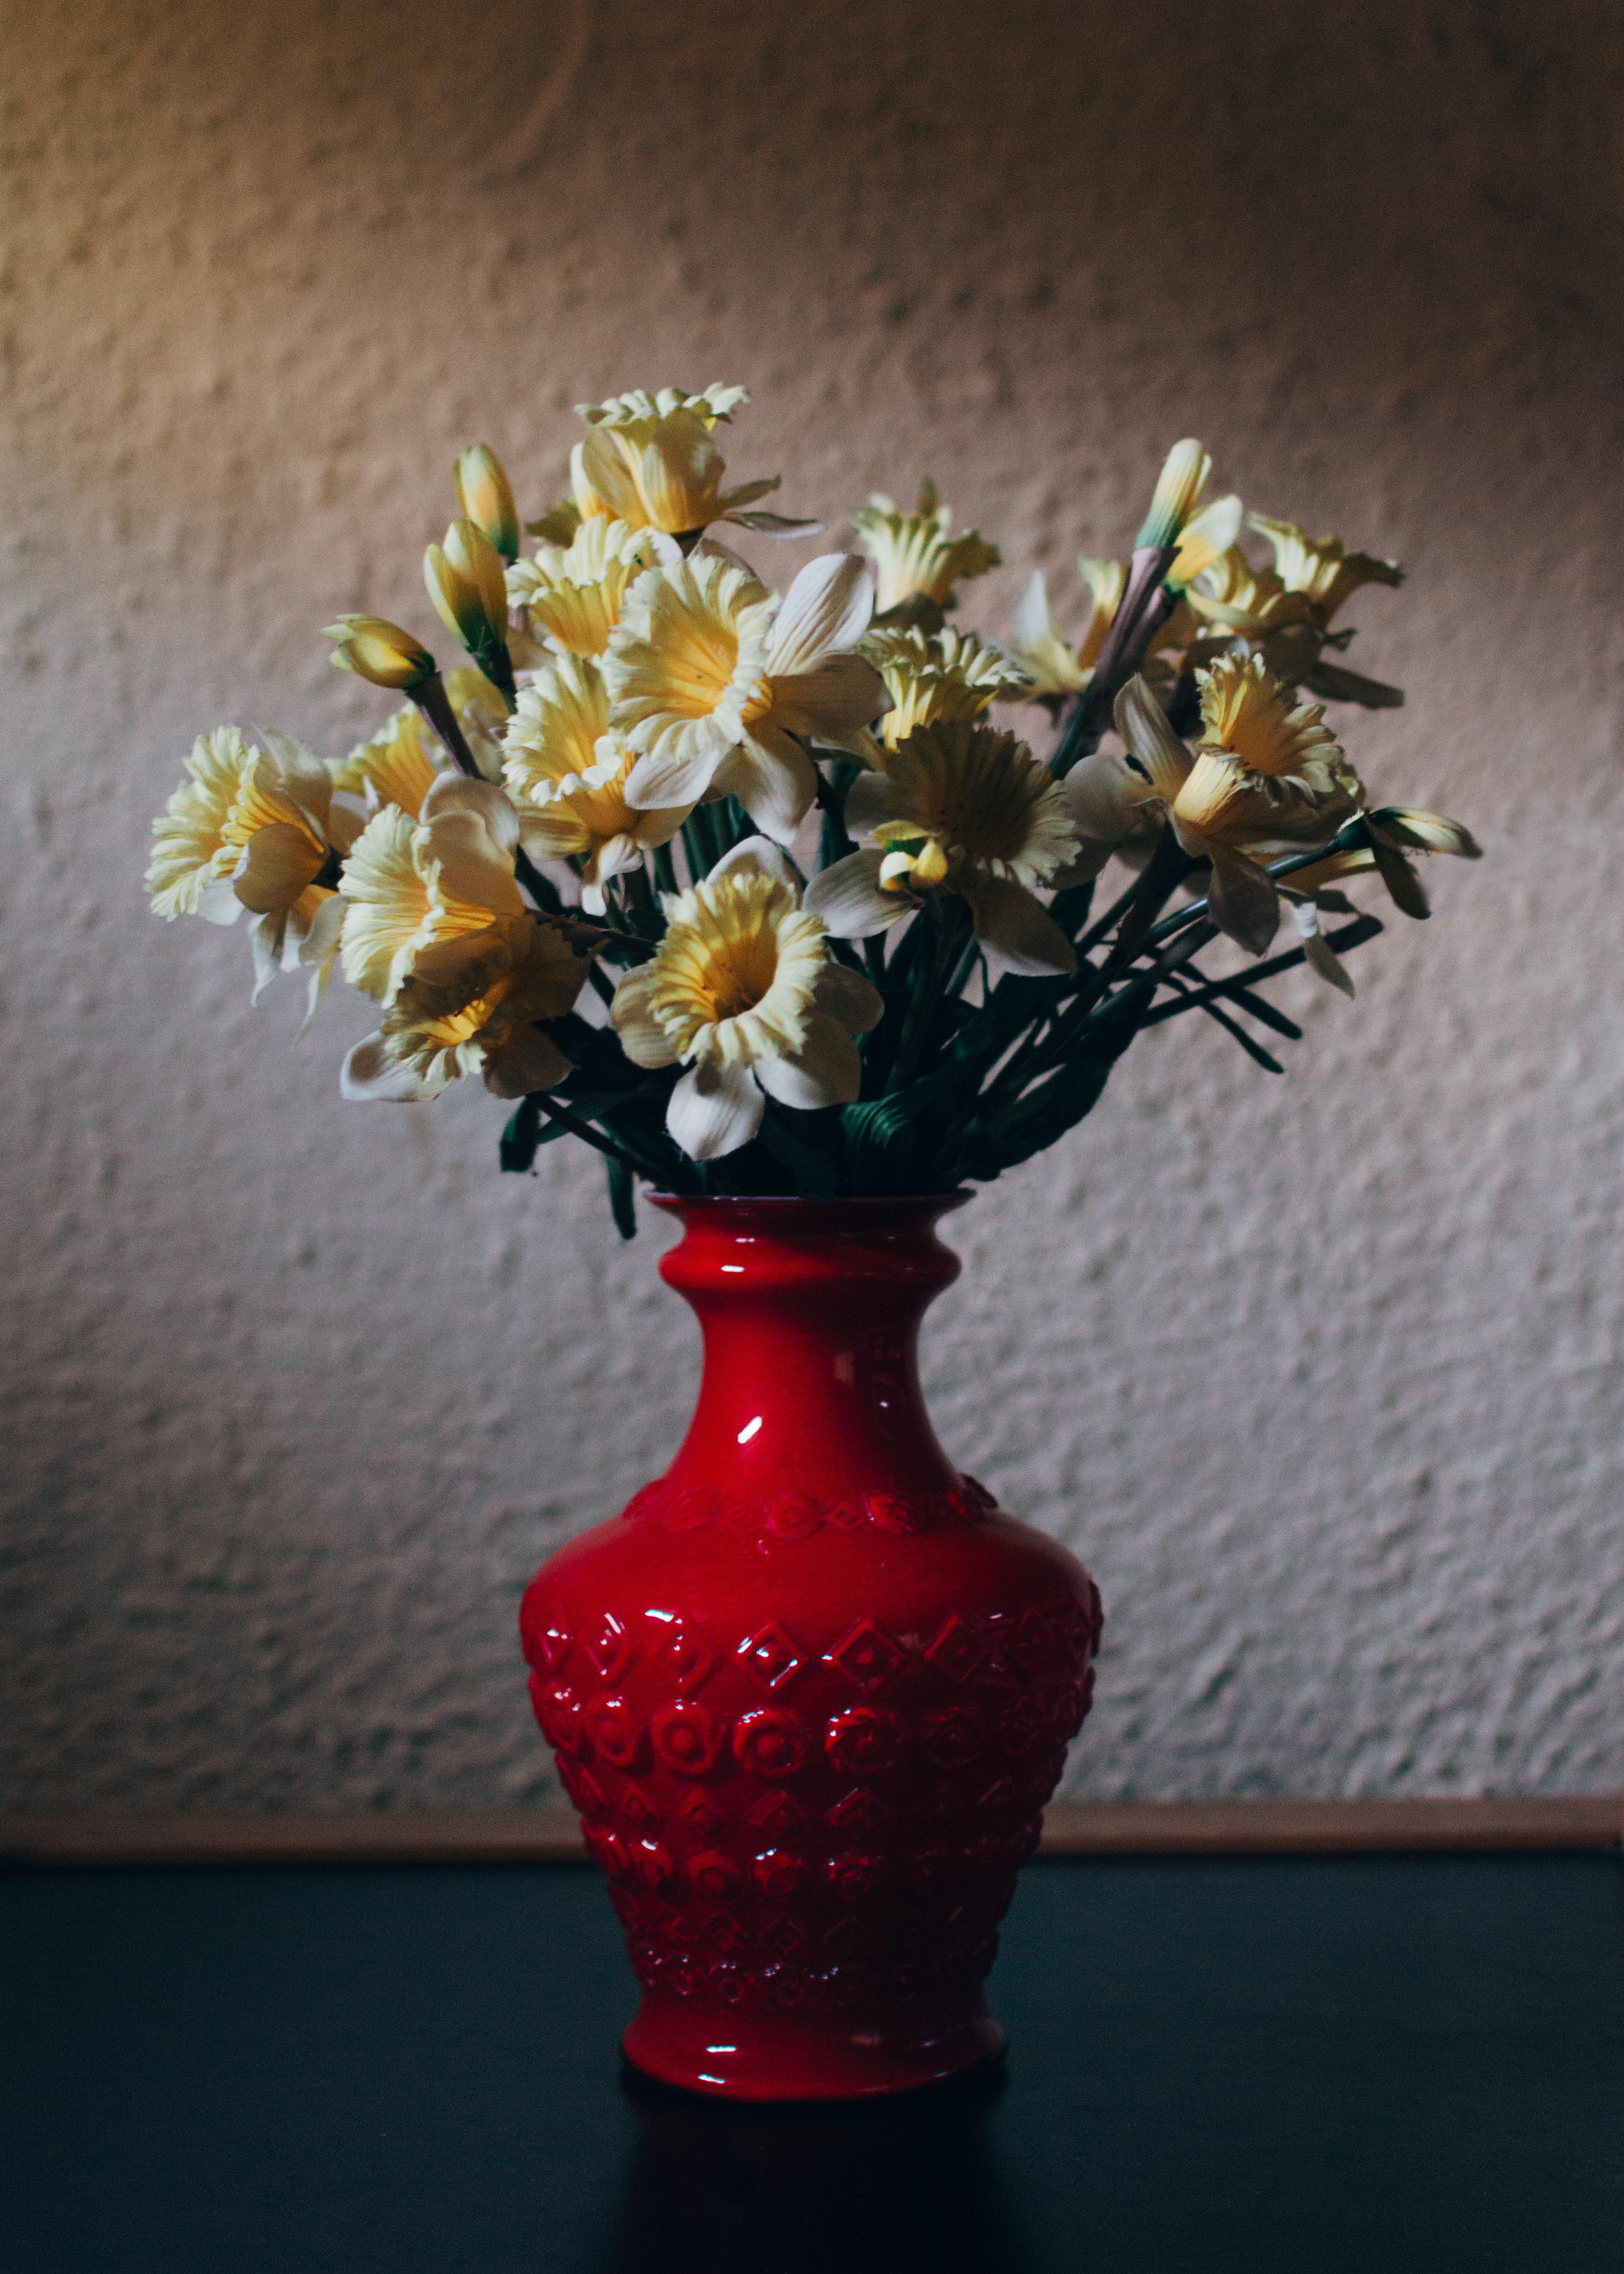 92160 Заставки и Обои Нарциссы на телефон. Скачать Нарциссы, Цветы, Букет, Ваза картинки бесплатно